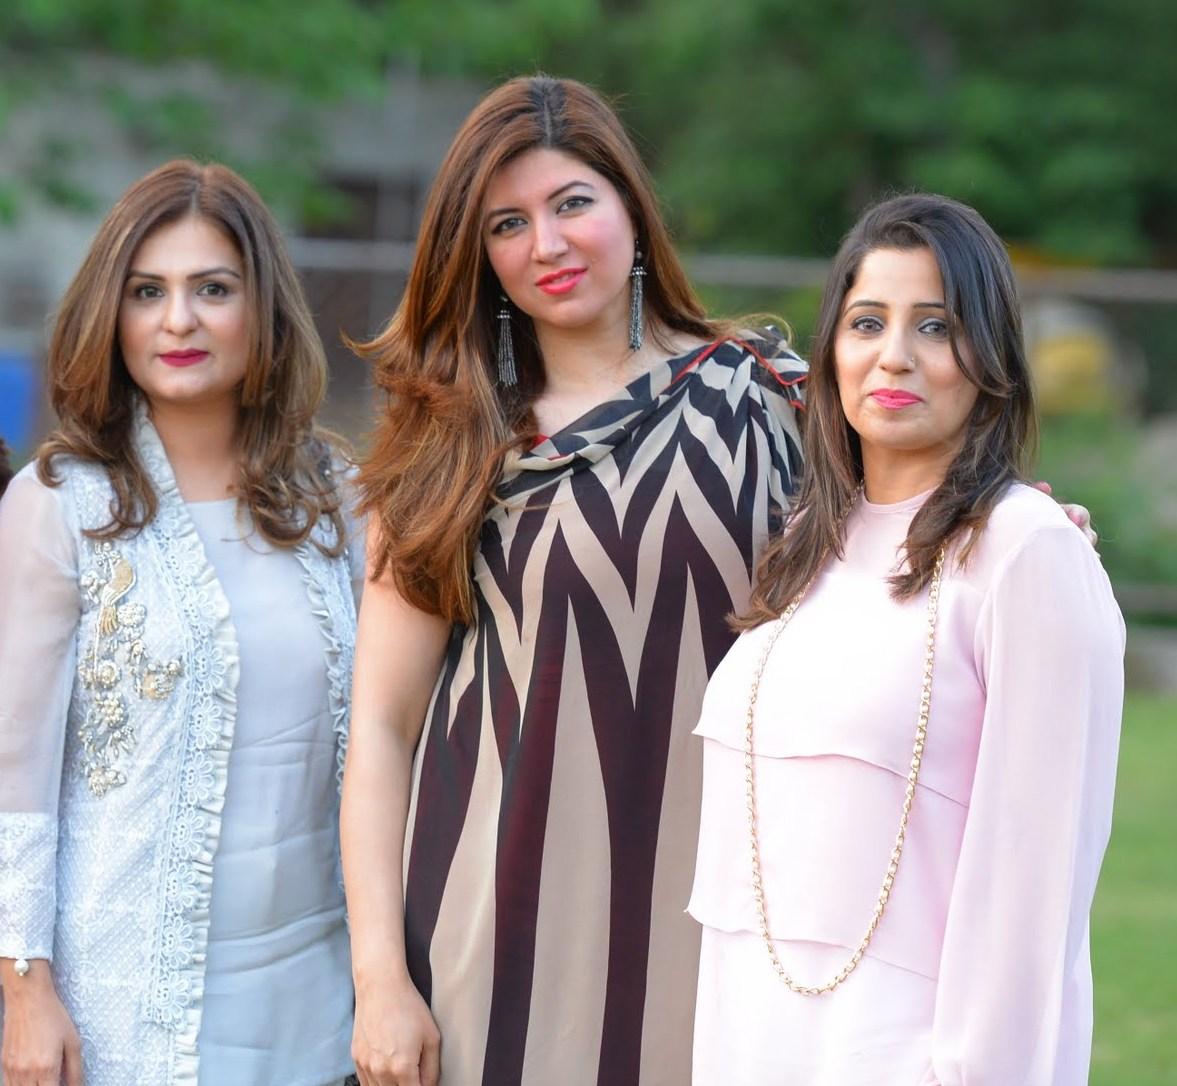 Huria, Shafaq & Nosheen